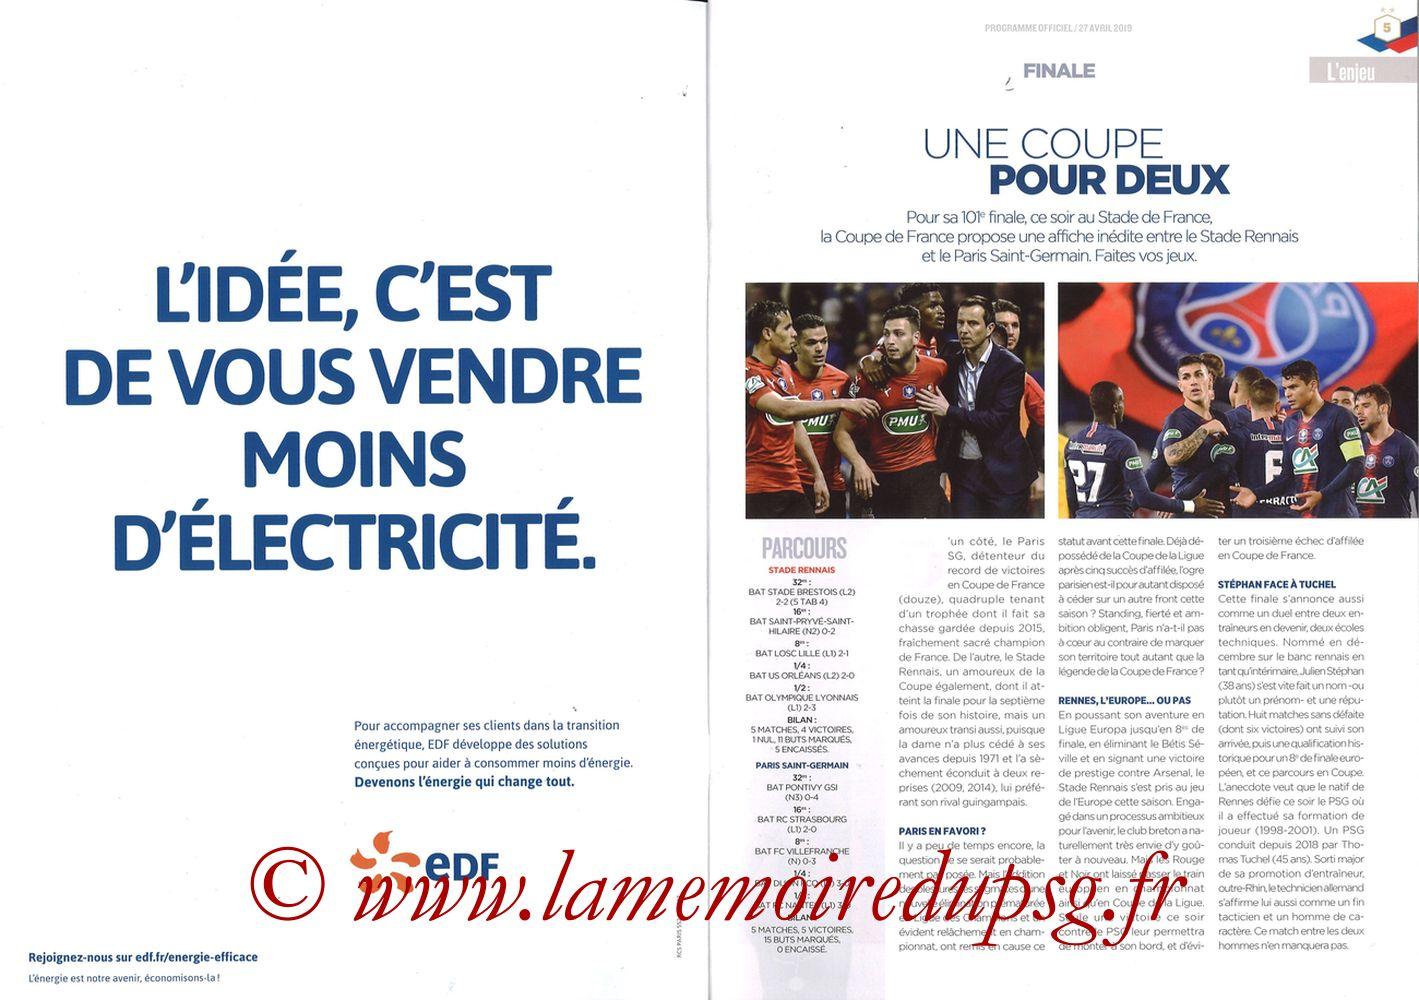 2019-04-27  Rennes-PSG (Finale CF au Stade de France, Programme officiel FFF) - Pages 04 et 05